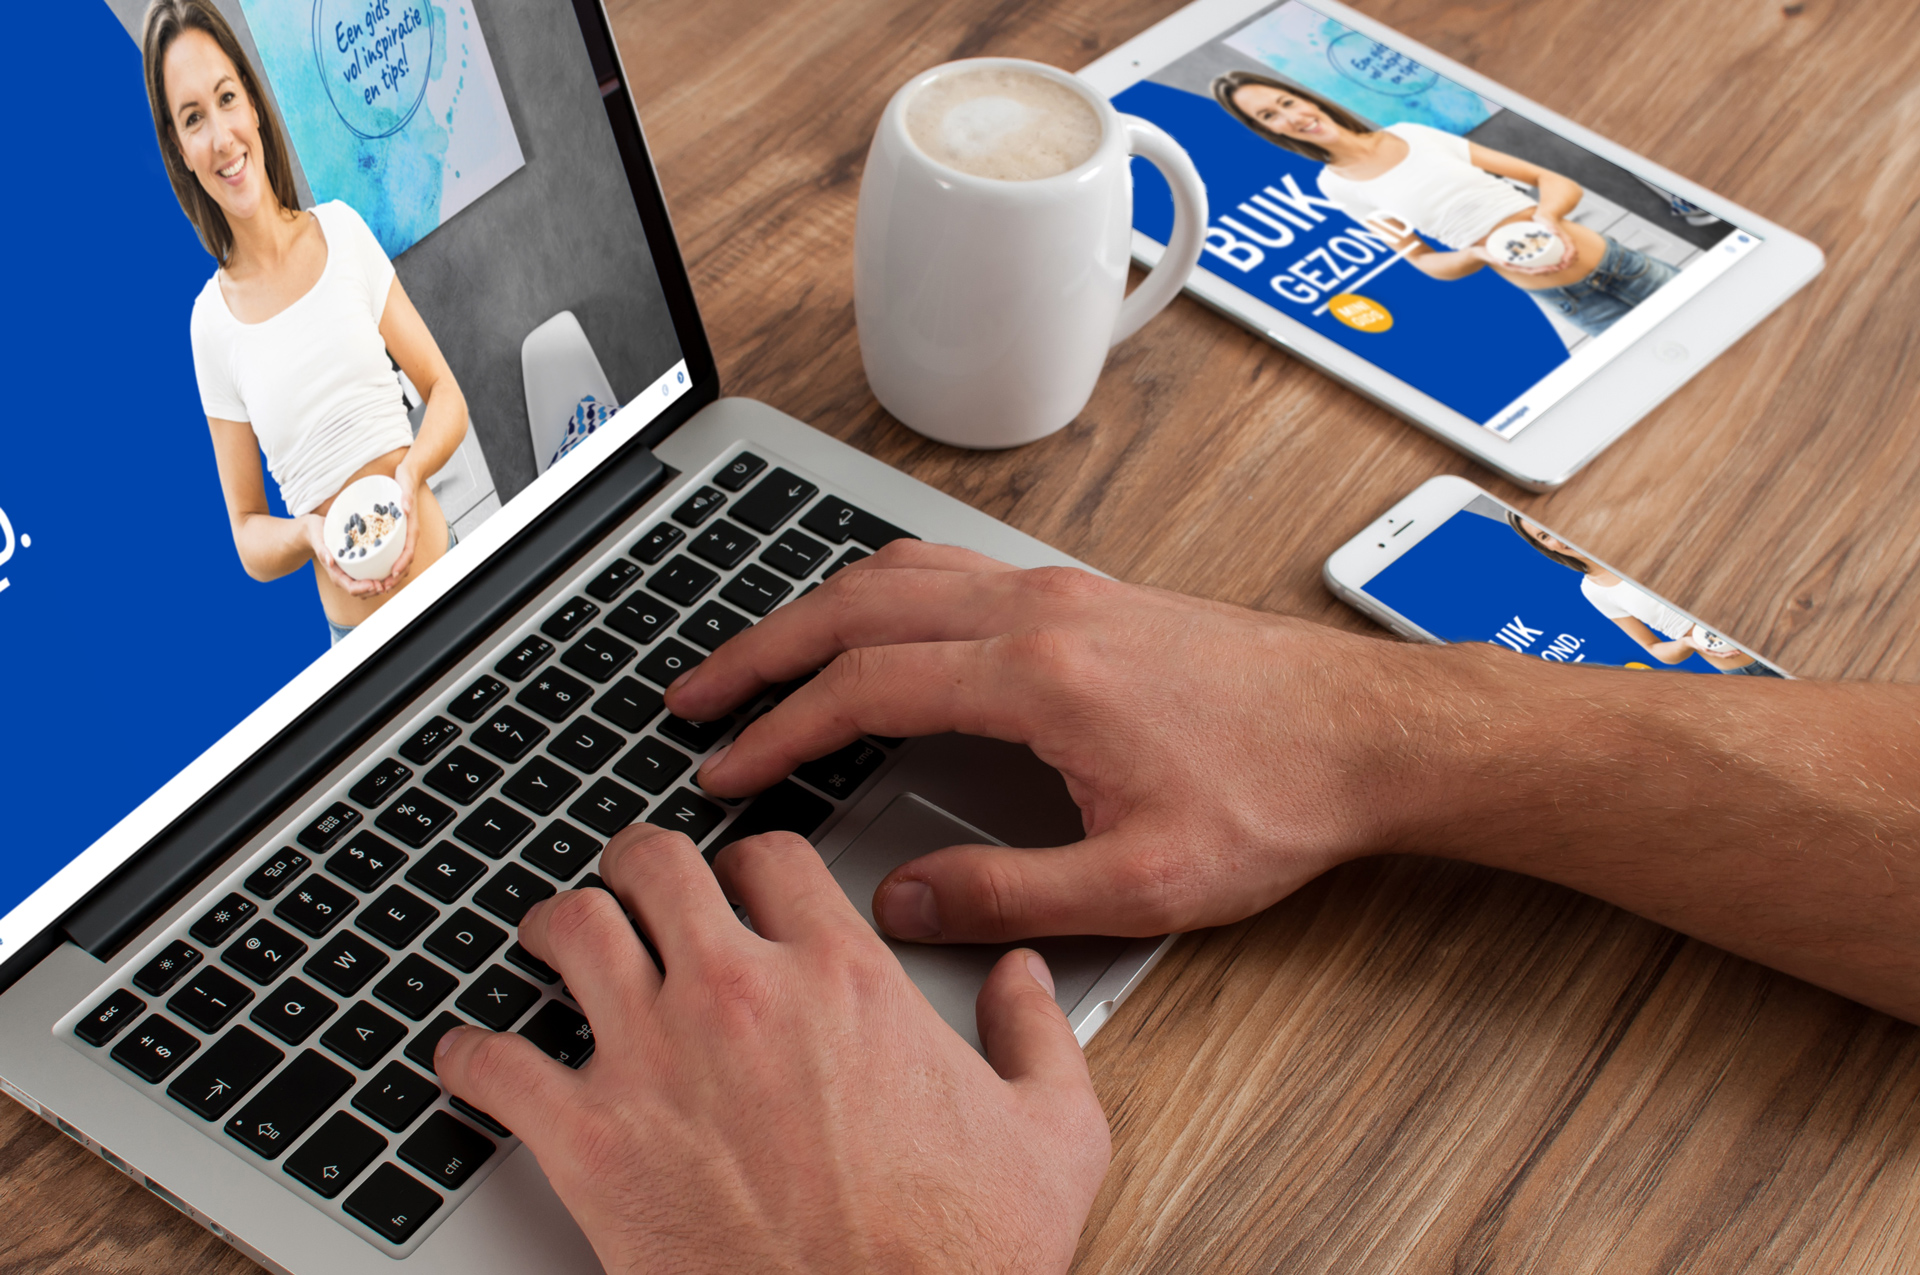 macbook-mac-apple-ipad-39254